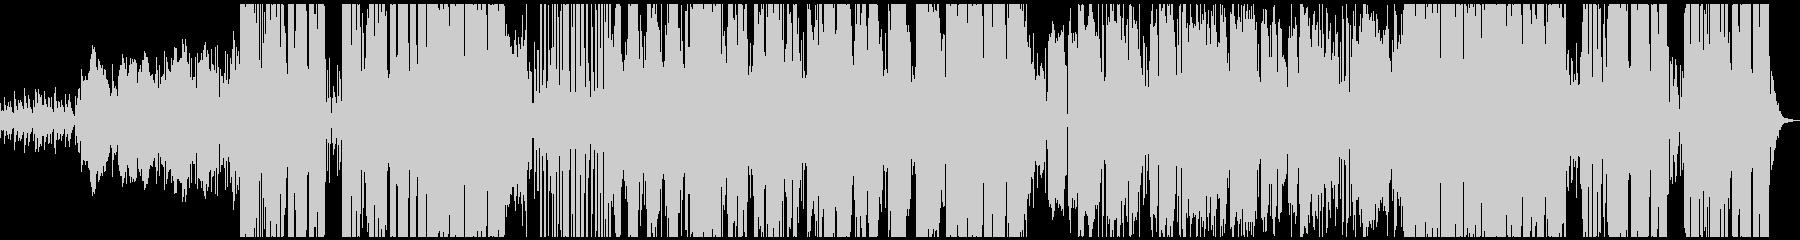 フュージョン、ジャズ、エトノ、ポッ...の未再生の波形